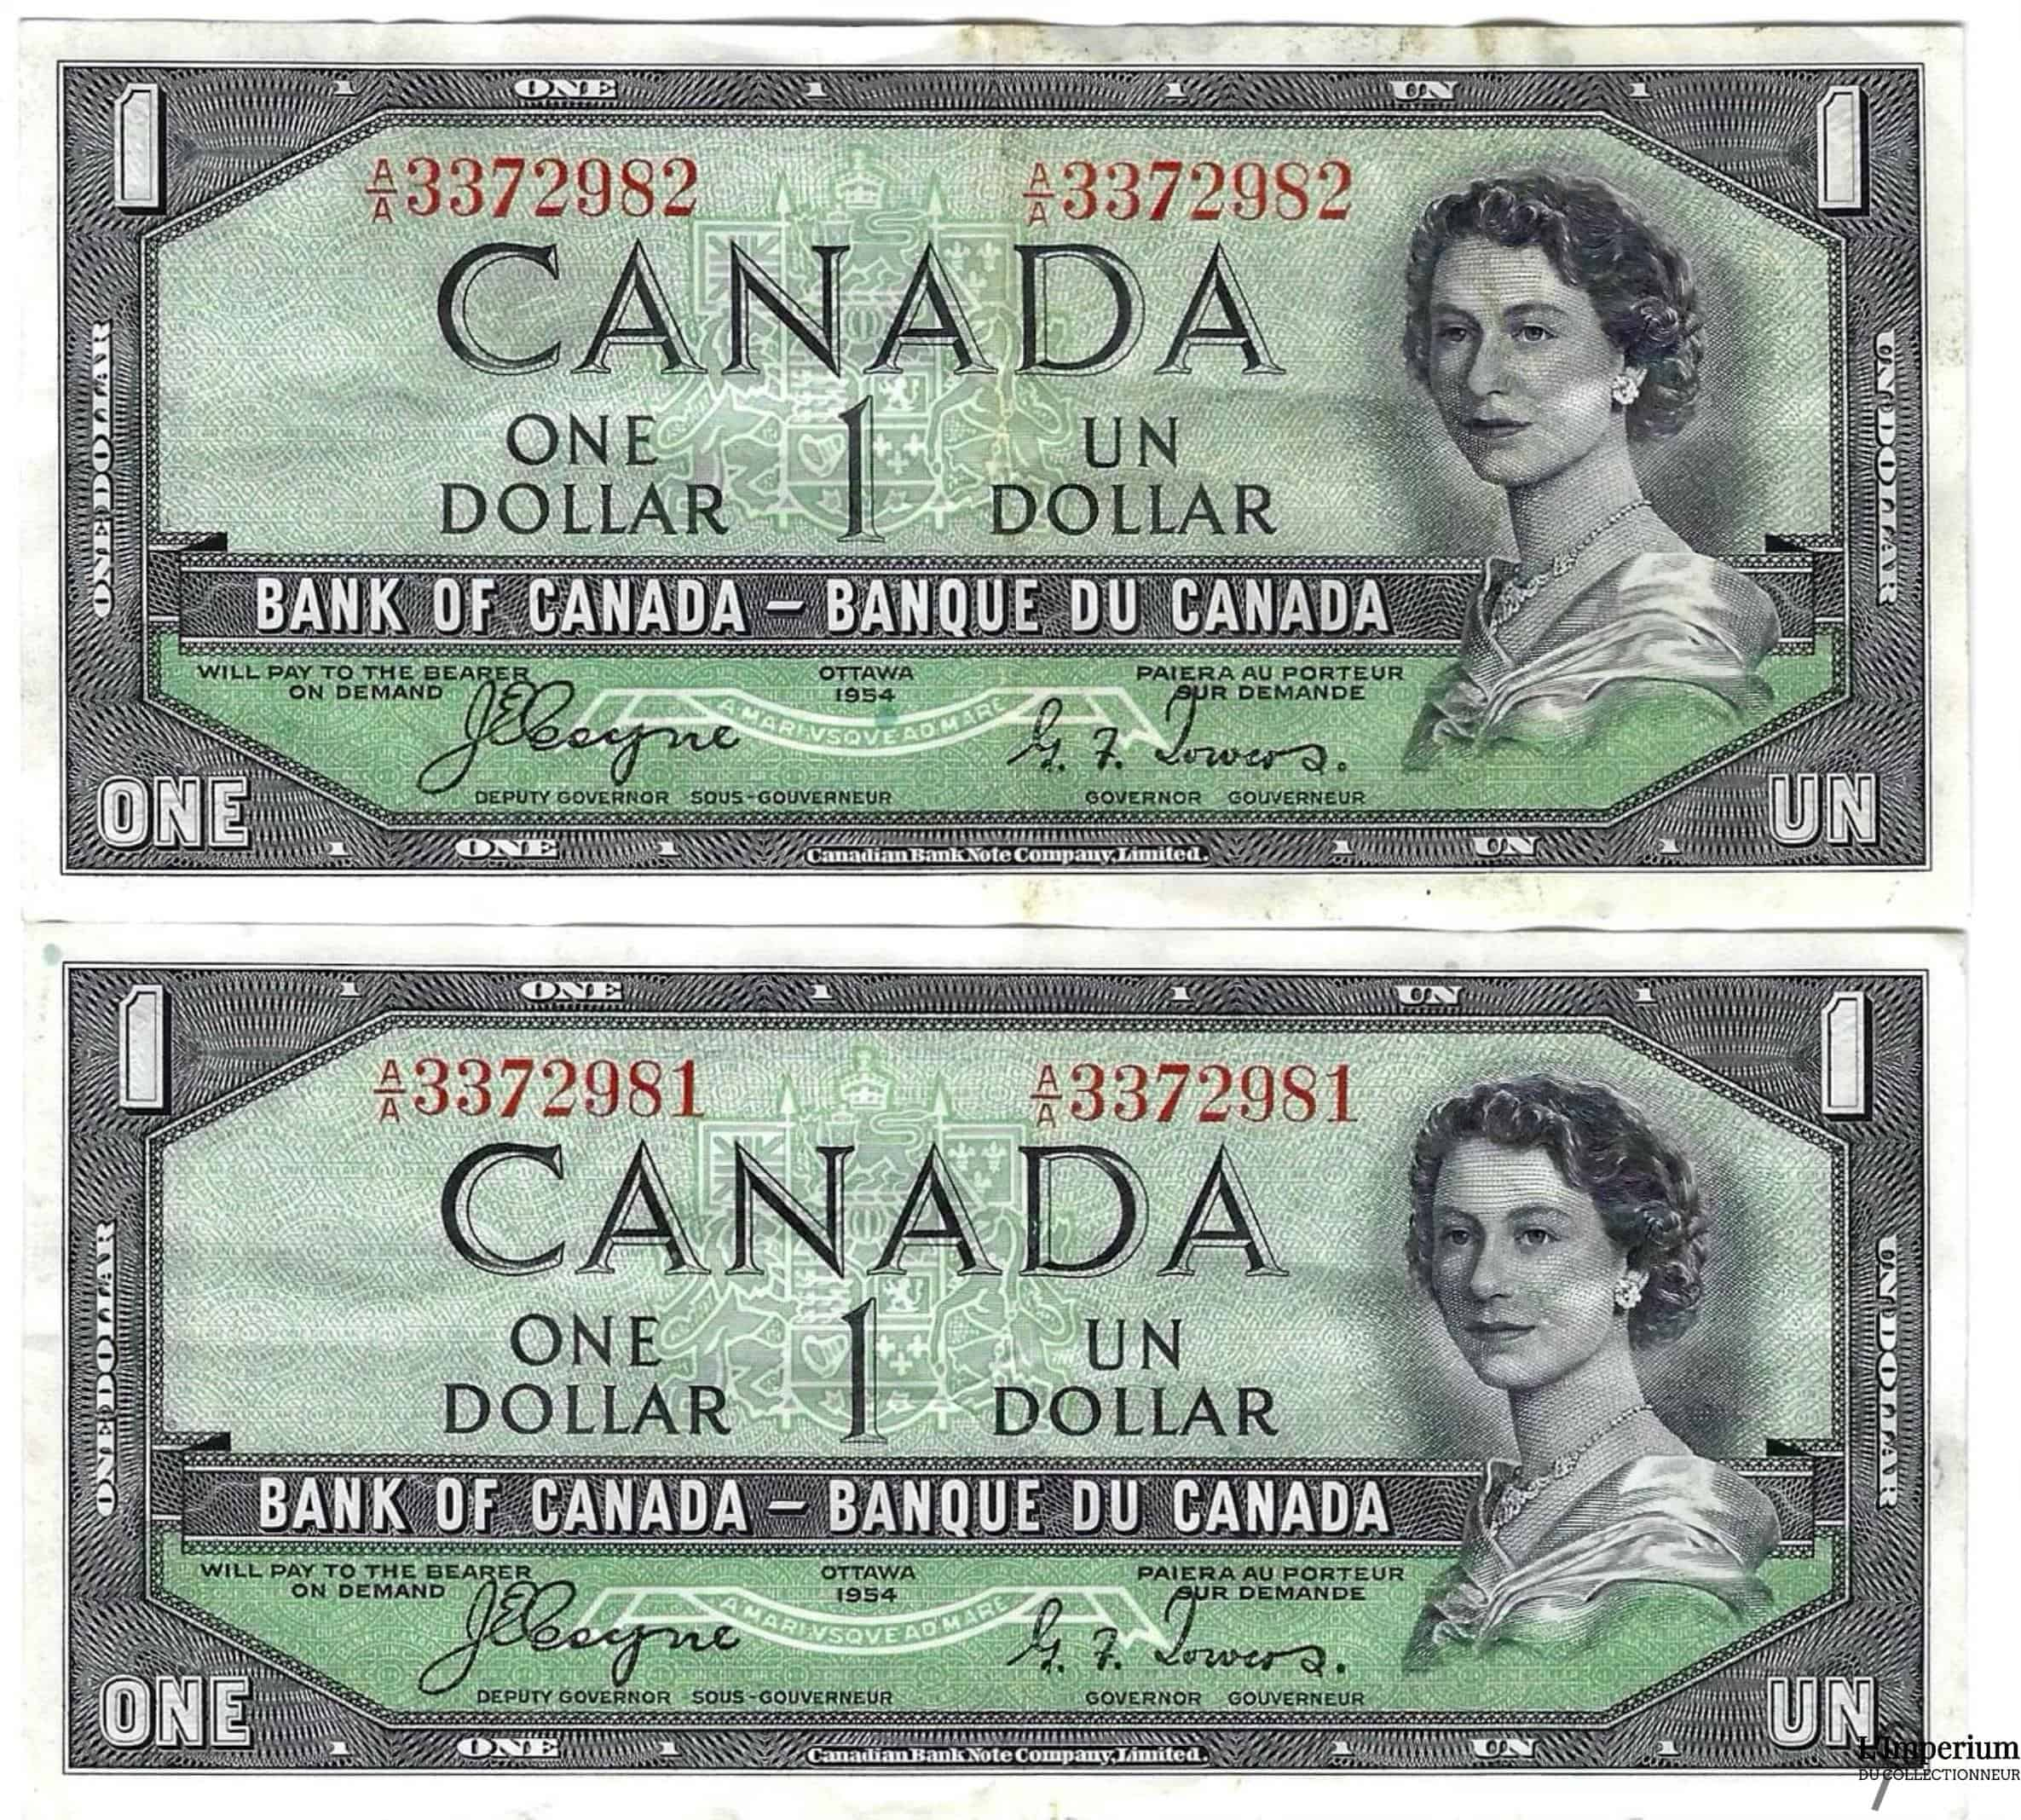 CANADA - Suite de 2 Billets d'un Dollar 1954 - Coyne/Towers - DEVIL'S FACE